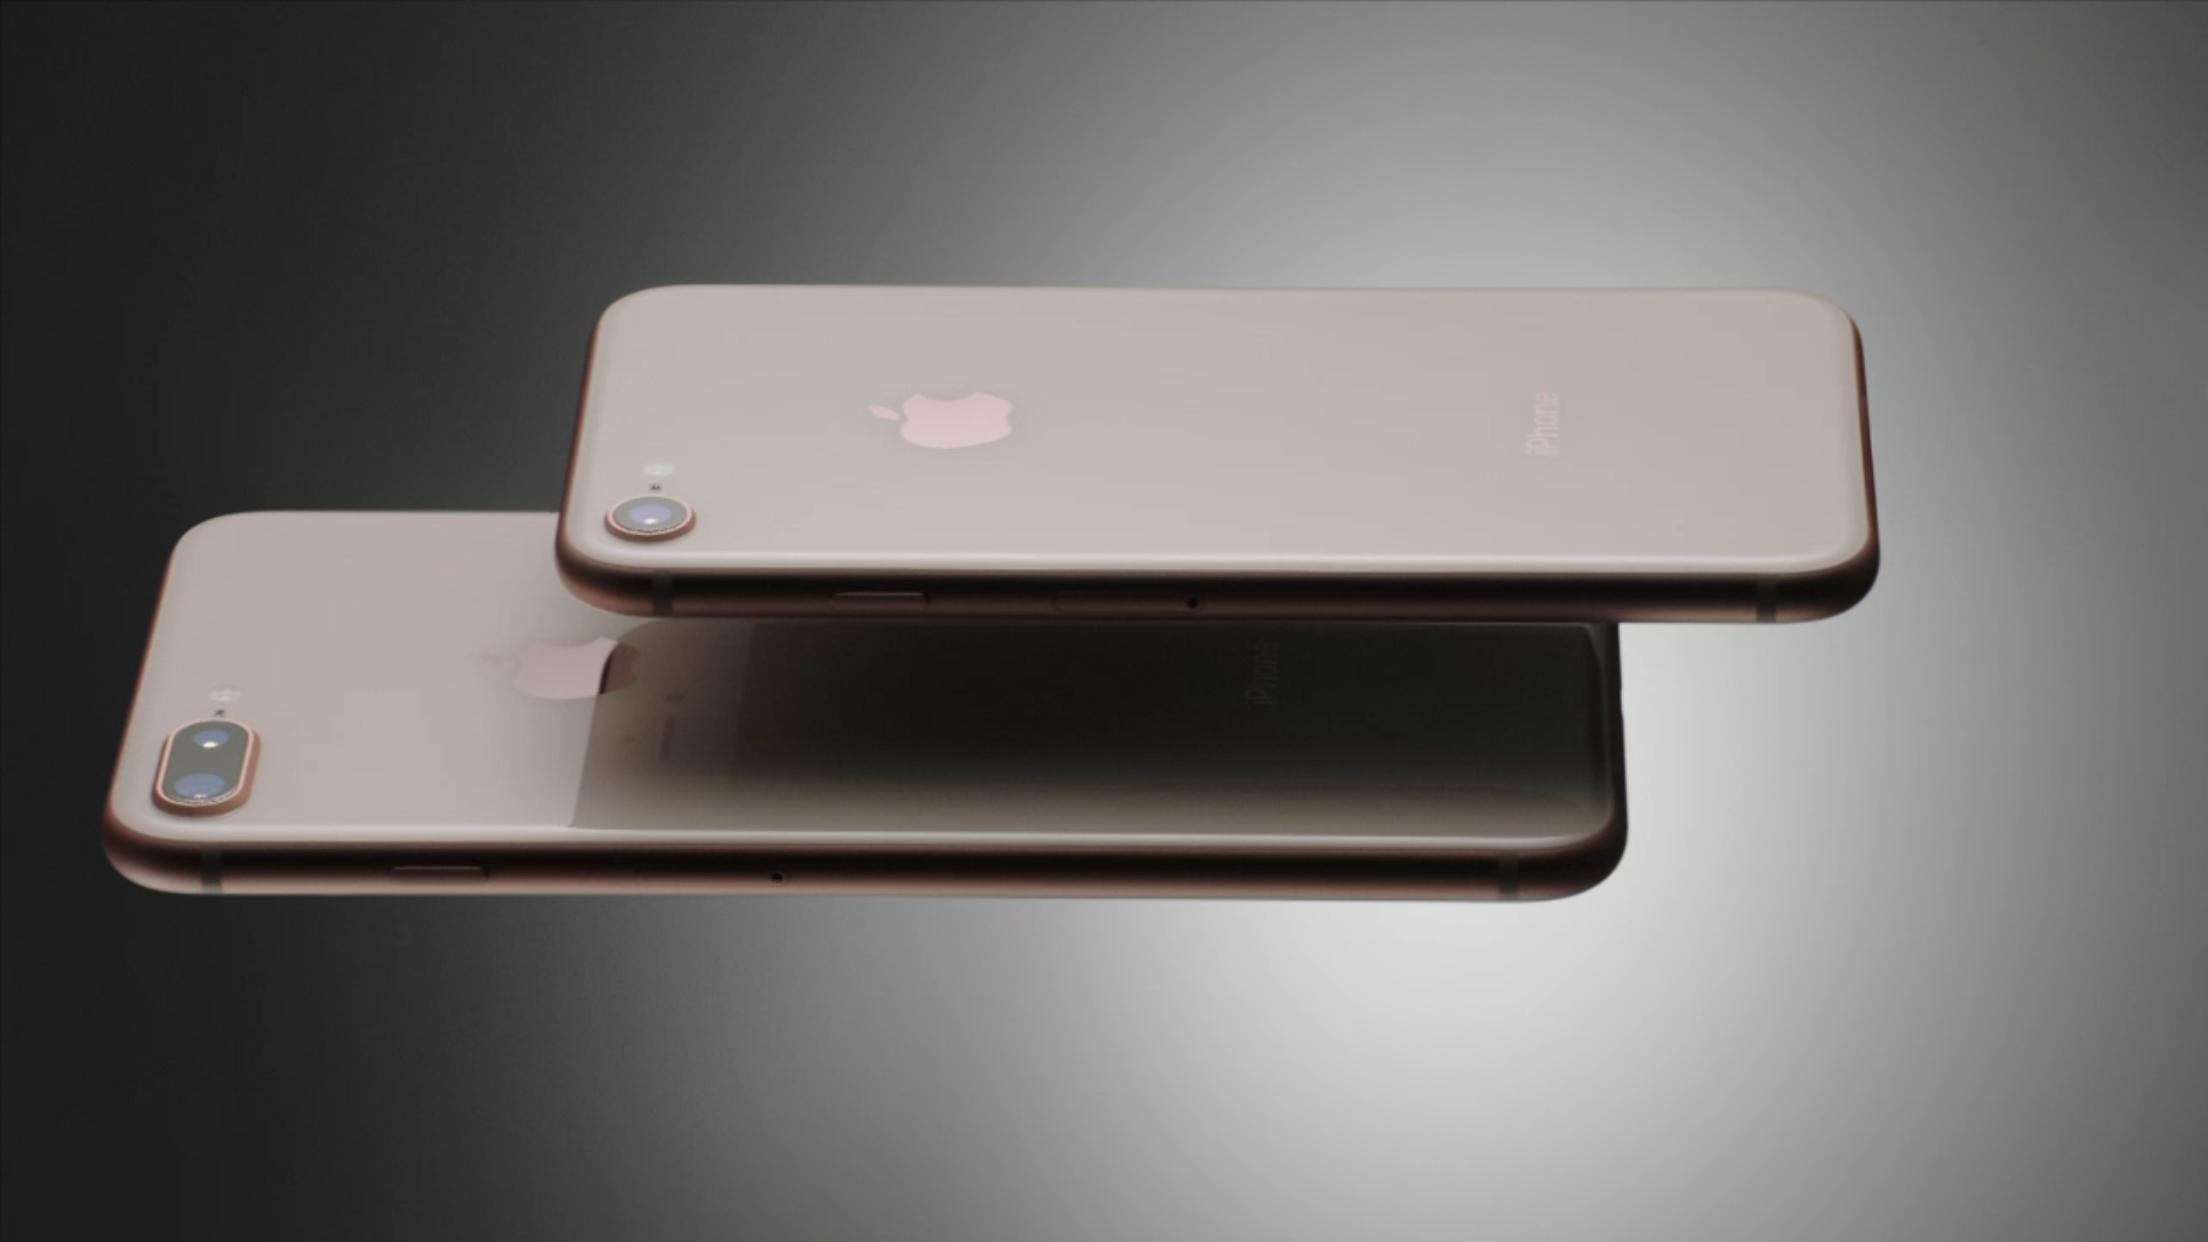 iPhone 8 iPhone 7 - iPhone 8 hấp dẫn nhưng giờ  là lúc tốt nhất để mua iPhone 7